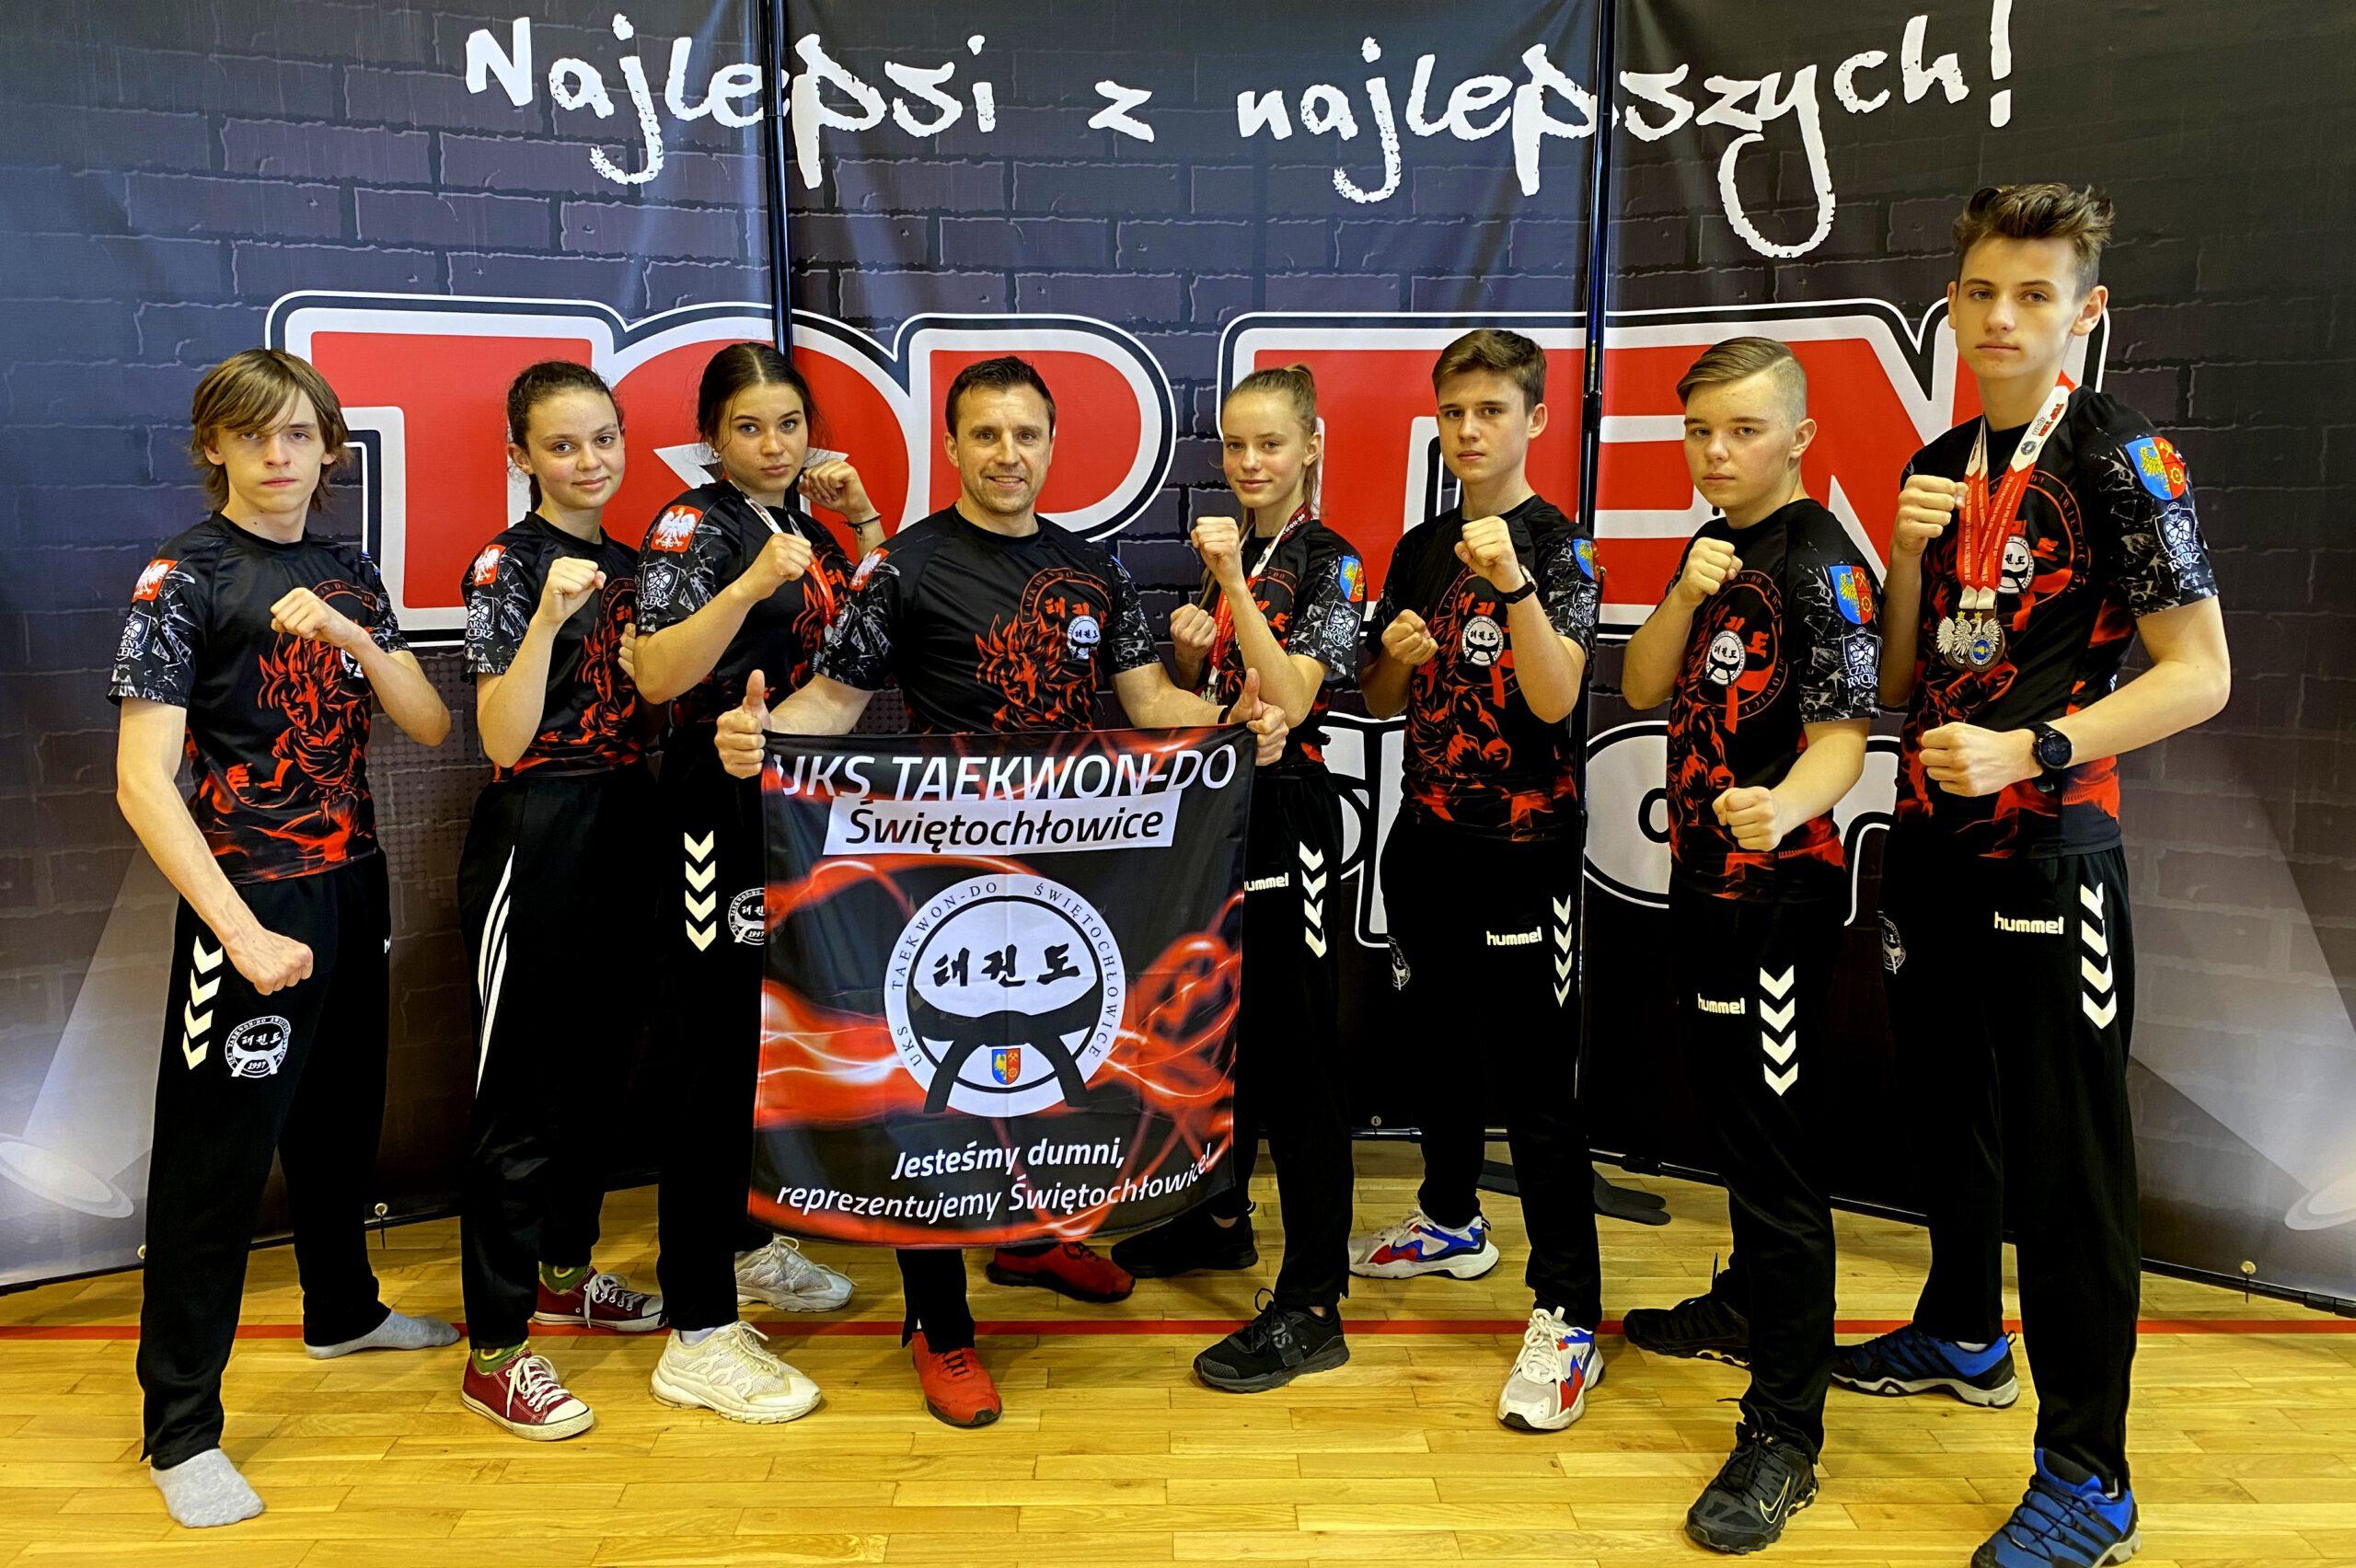 taekwon-do